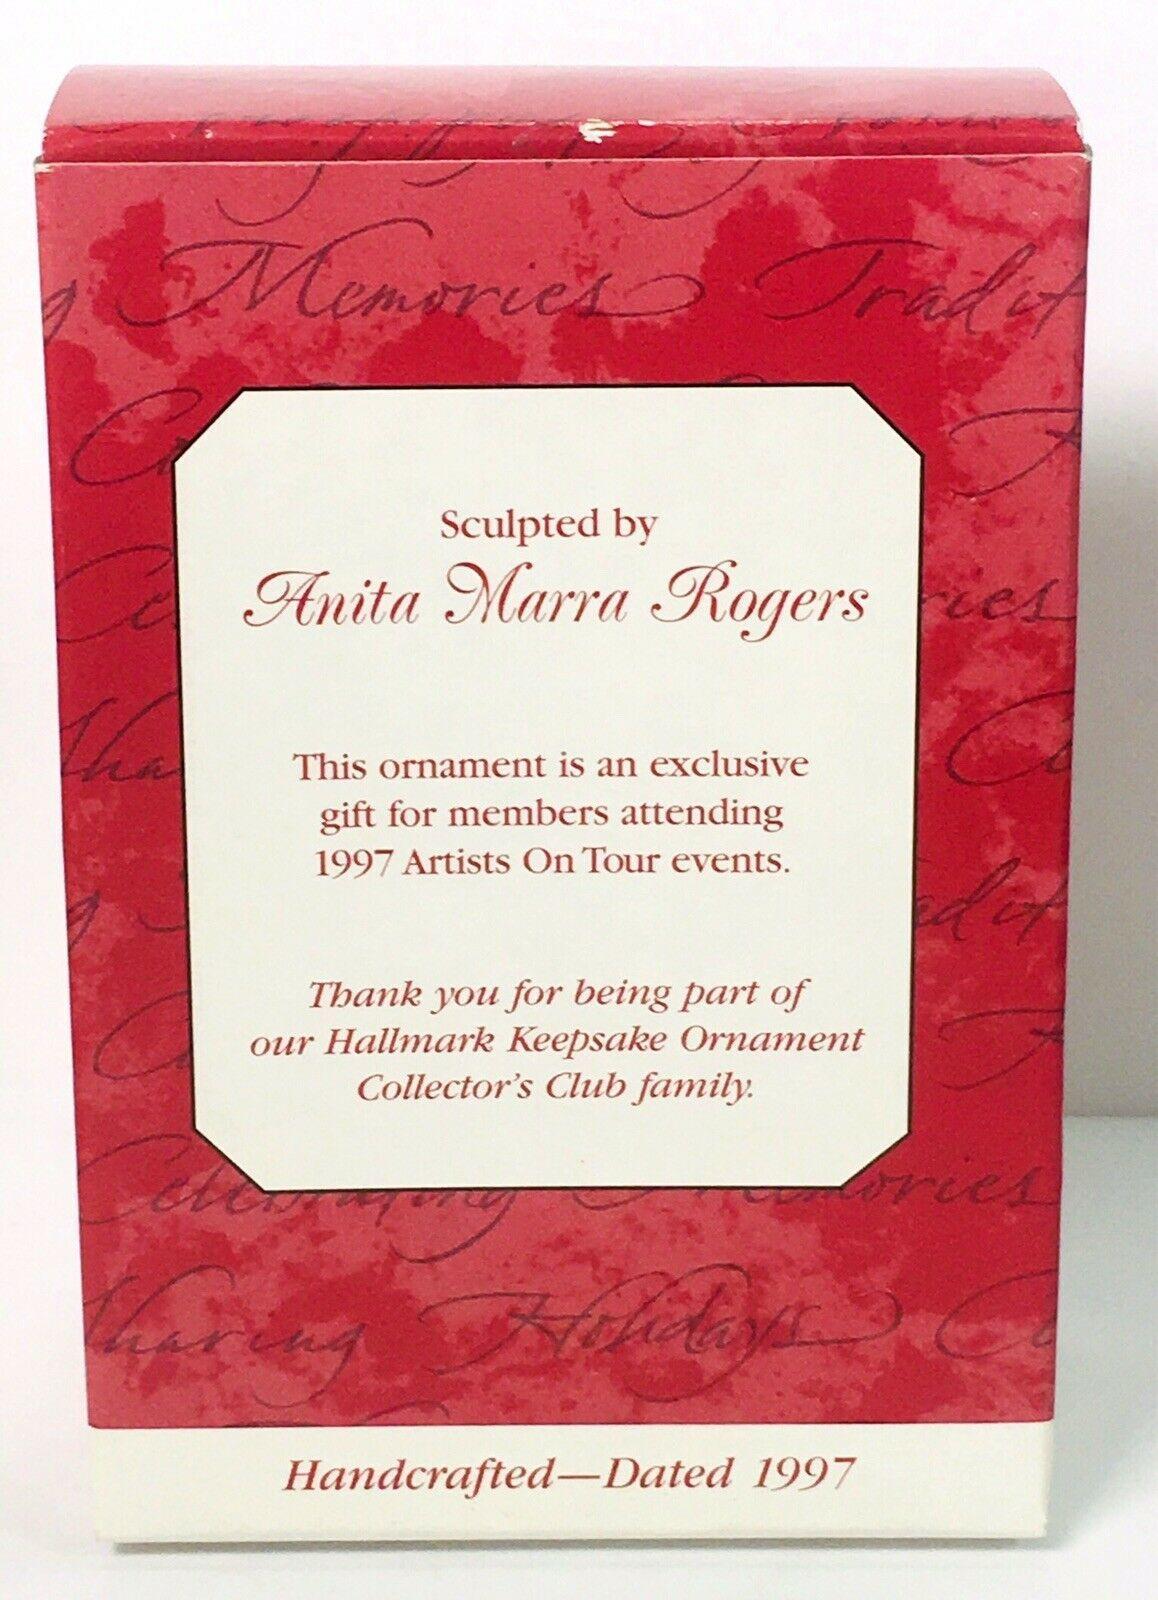 Hallmark Keepsake Ornament 1997 Artists on Tour First Class Thank You Red Bird image 4